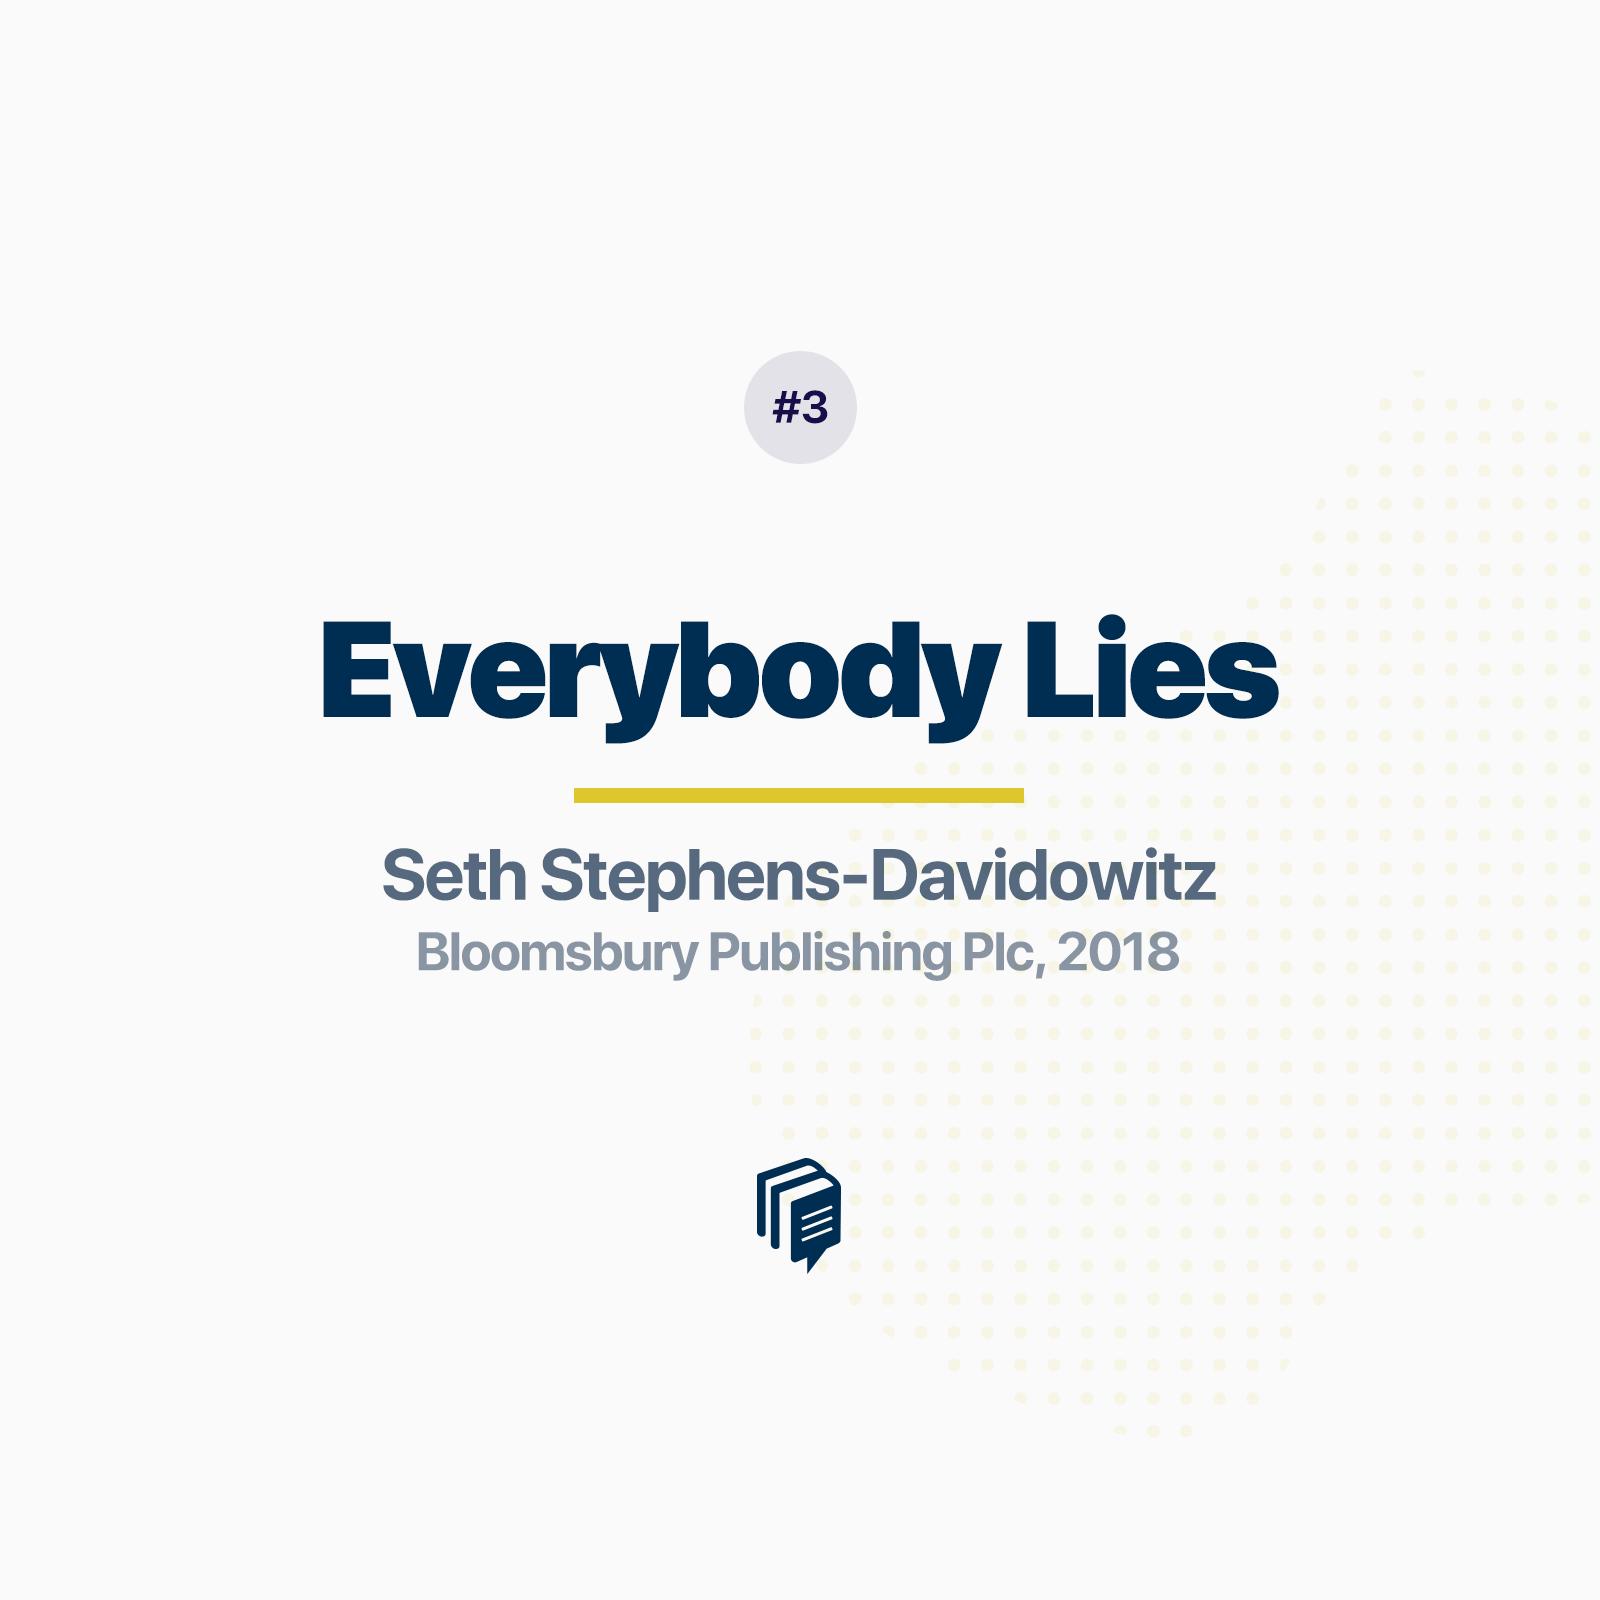 همه دروغ میگویند